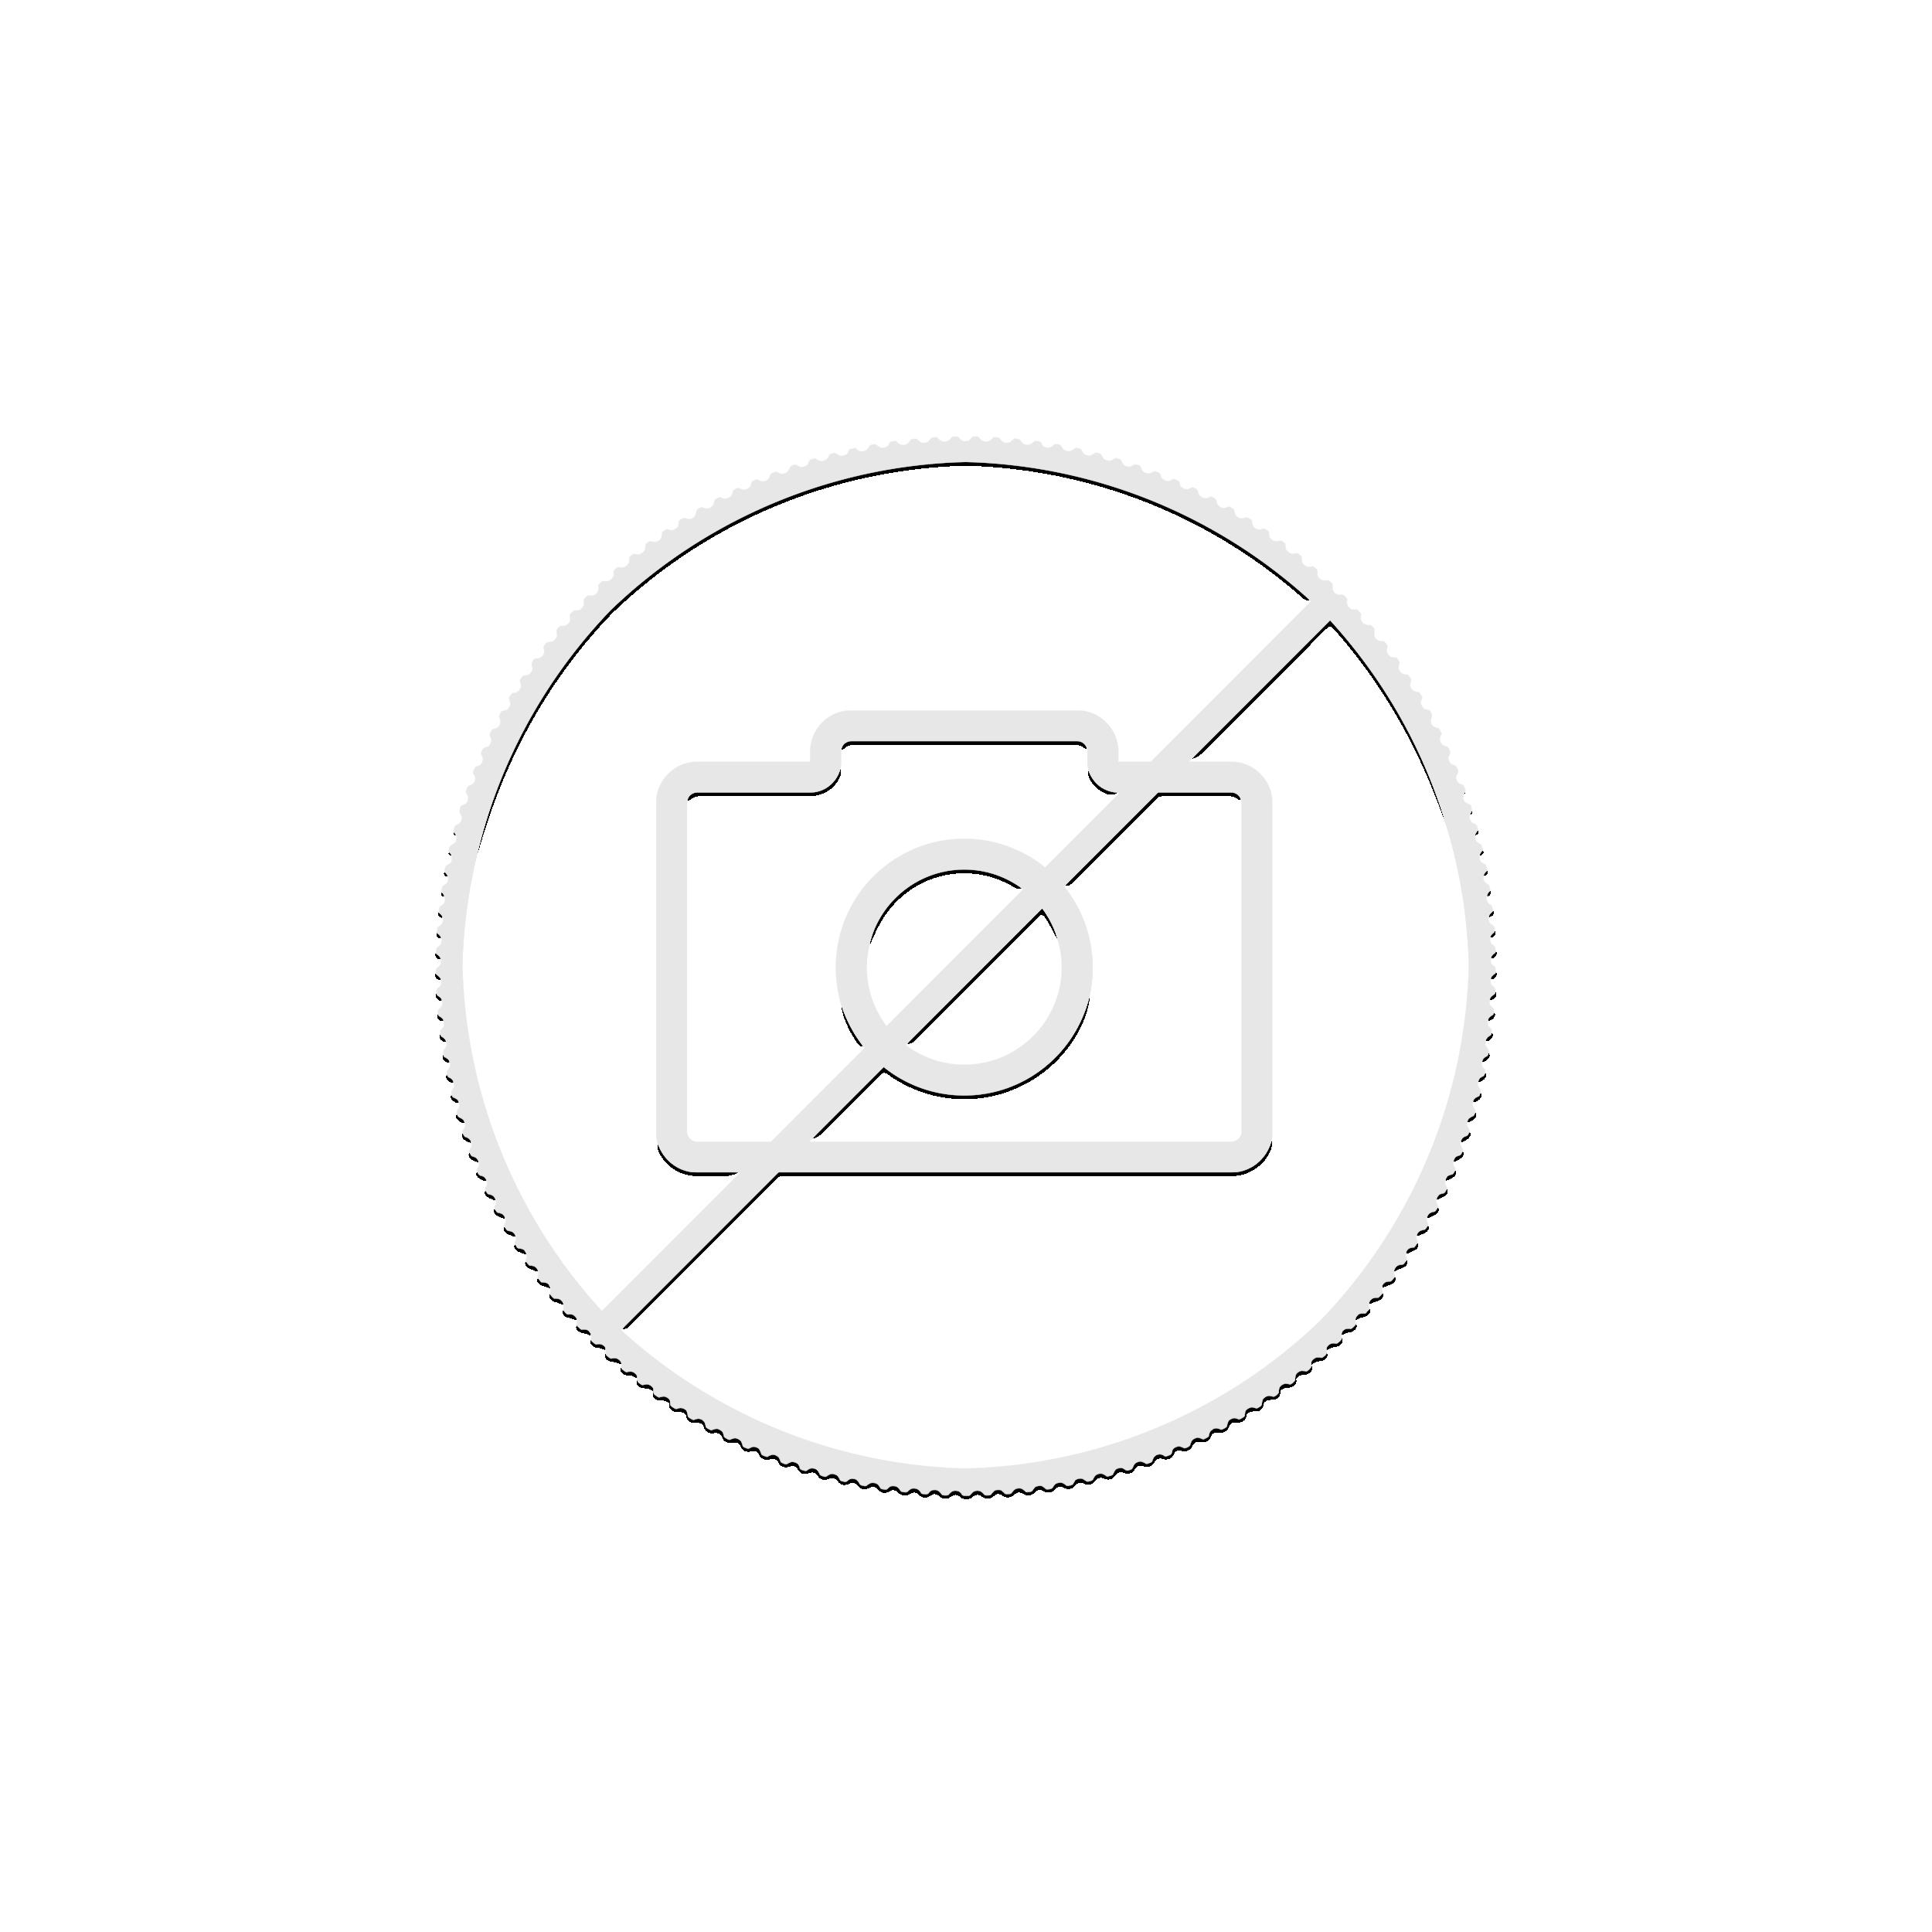 1 Troy ounce zilveren munt Lunar jaar van de tijger 2022 Proof